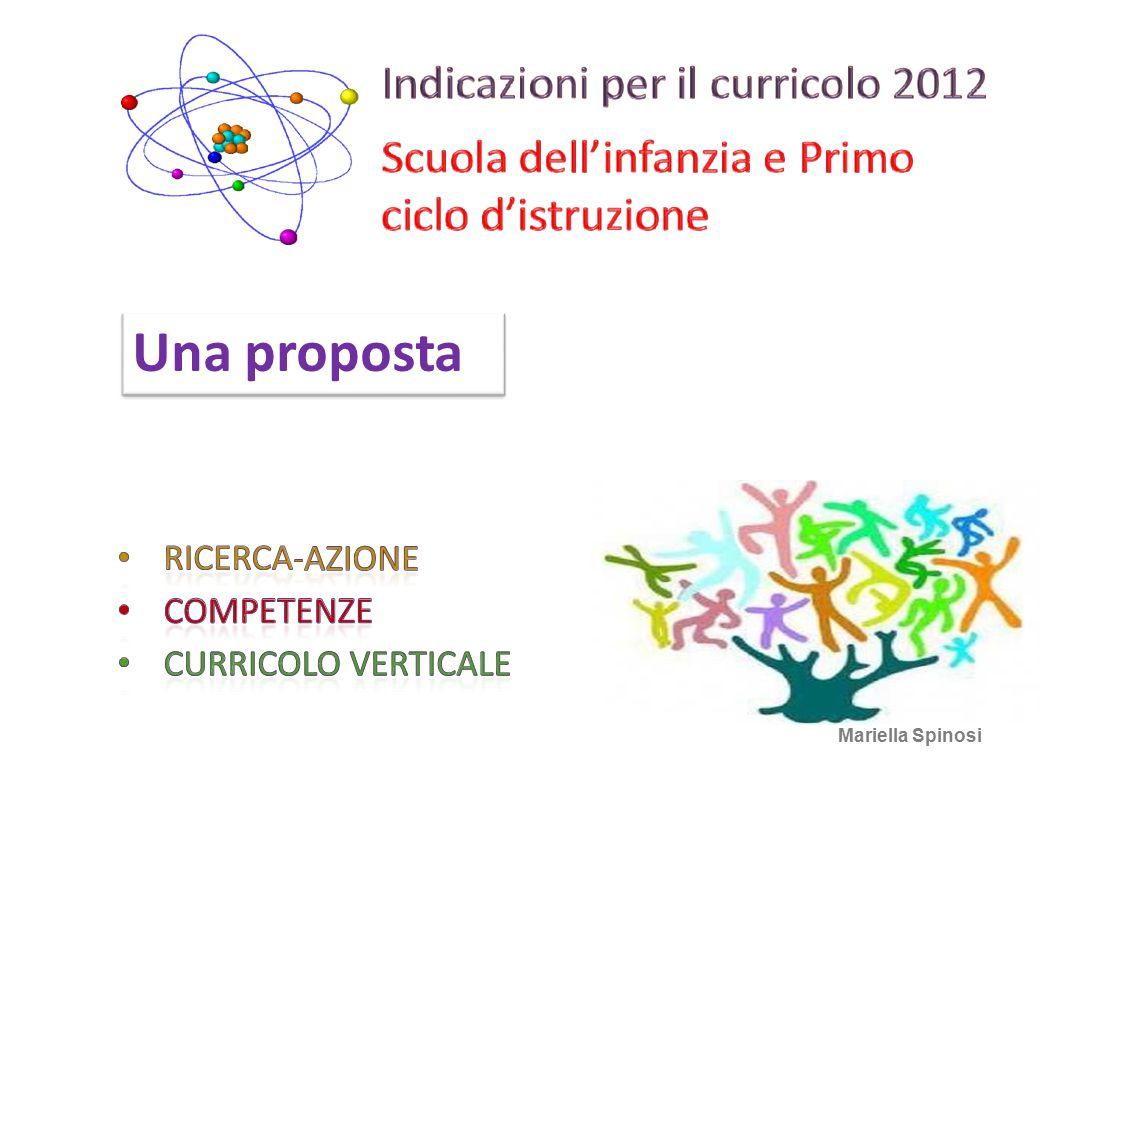 Avviare un percorso di ricerca-azione, partendo da una competenza disciplinare di fine ciclo 2 Mariella Spinosi